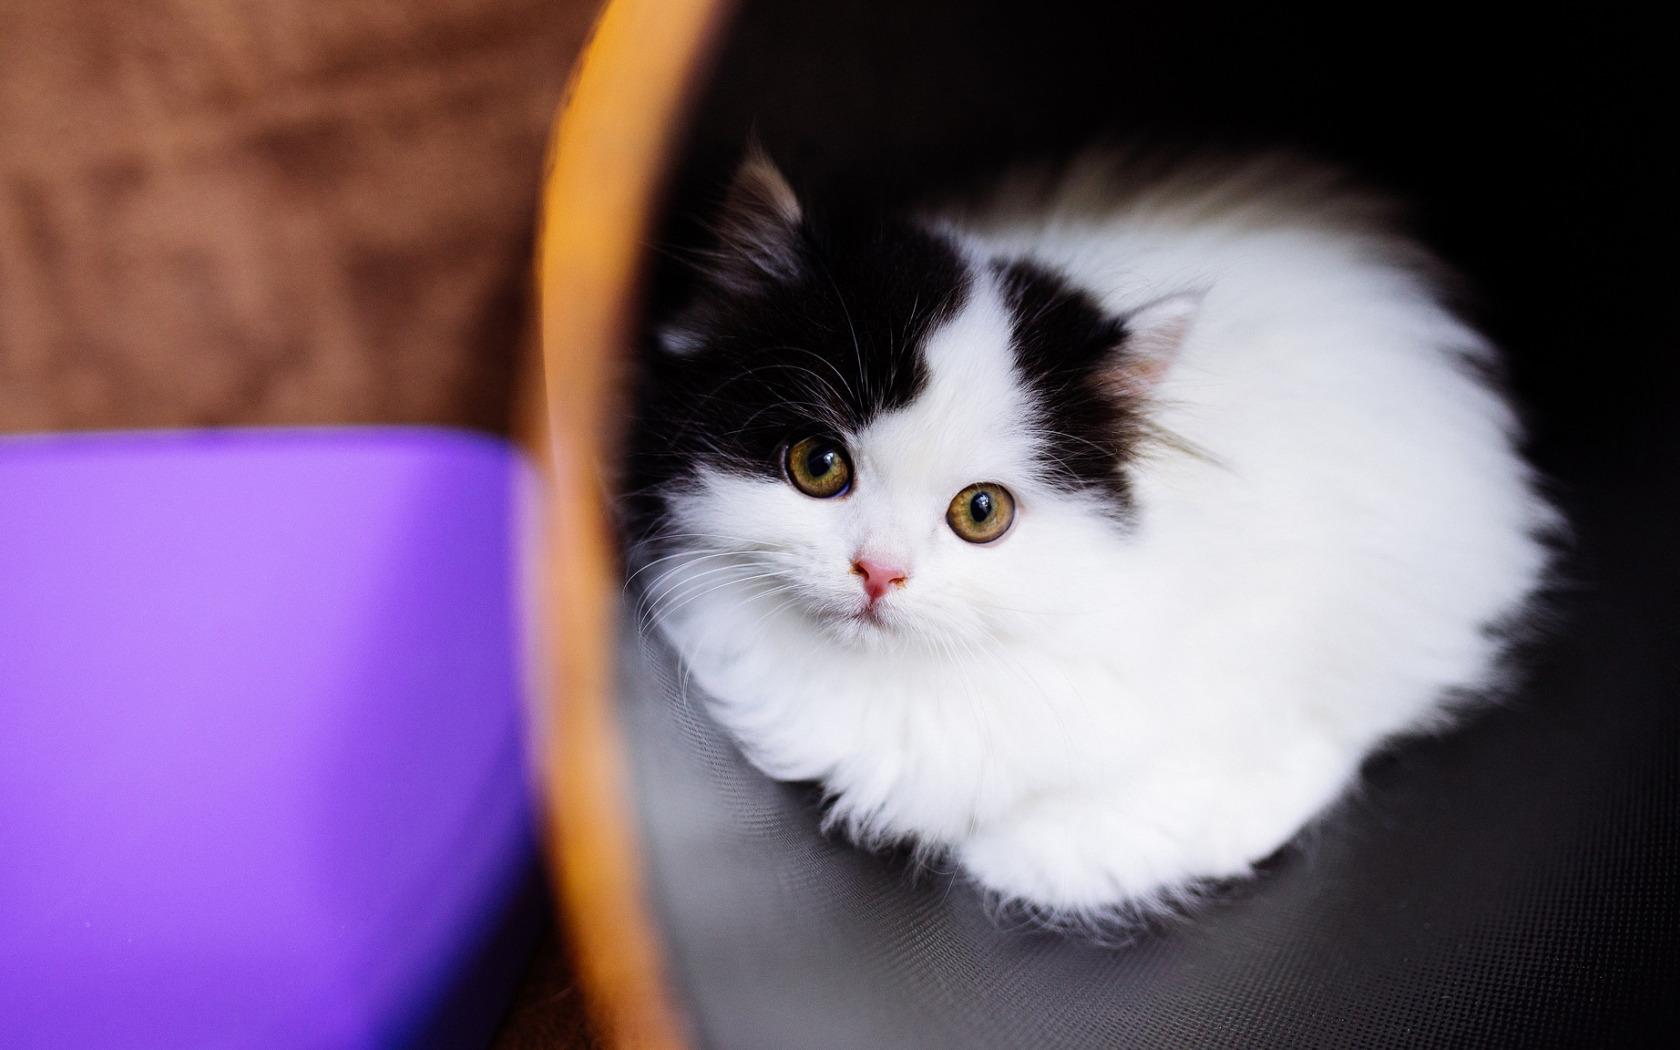 умение черный и белый котята на столе картинка мне хотелось бы